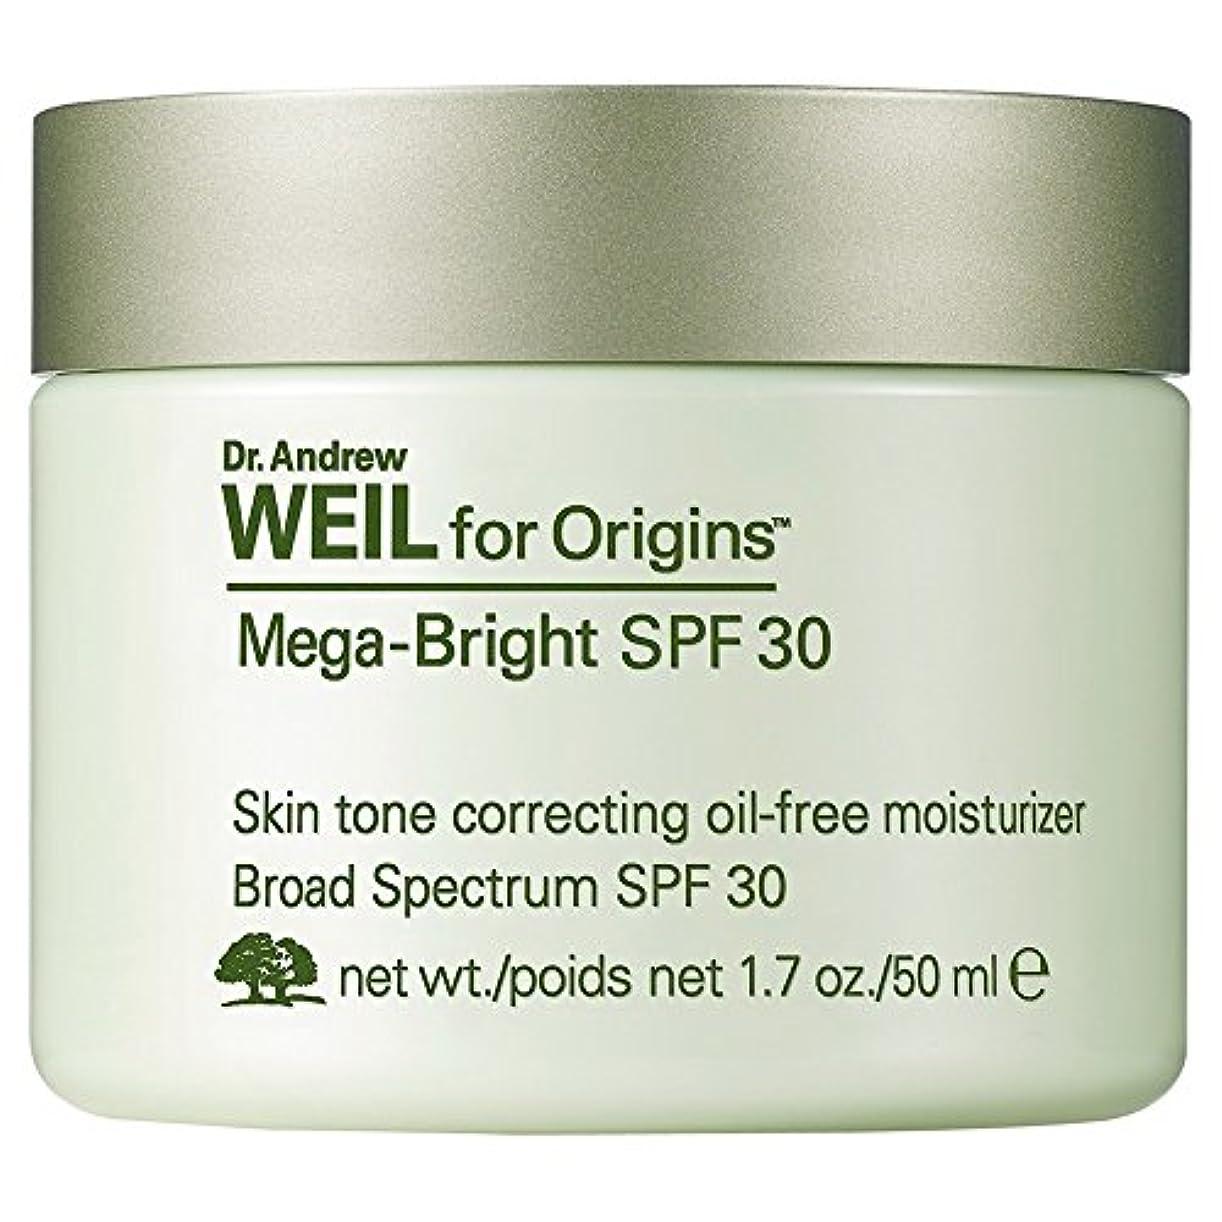 和ゆでるアデレードDr。保湿、50ミリリットルの補正アンドルー?ワイルメガブライトSpf30の肌のトーン (Origins) - Dr. Andrew Weil Mega-Bright SPF30 Skin Tone Correcting...